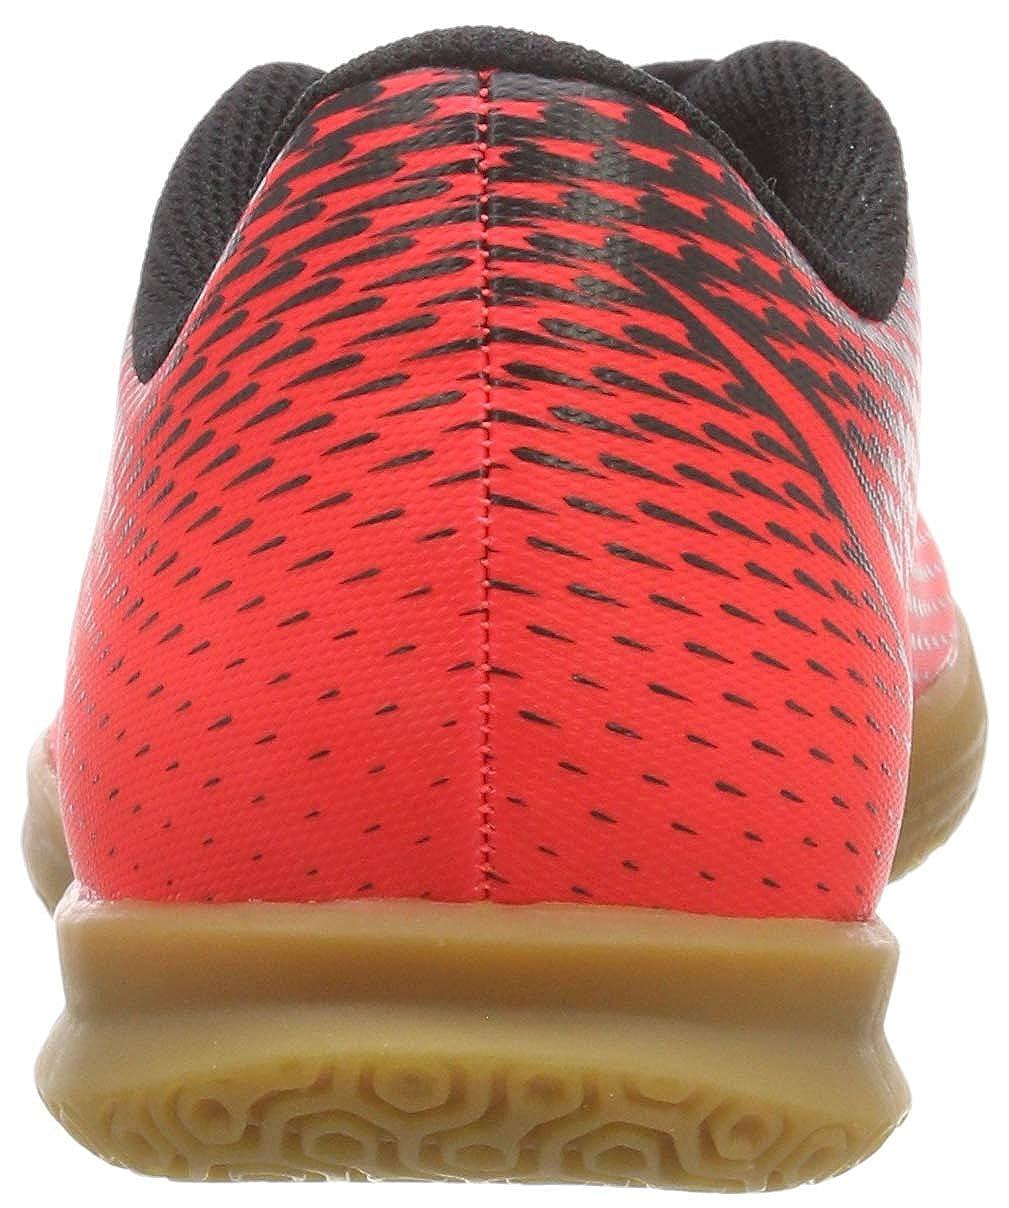 sports shoes e310a 92992 Nike Jr Bravata II IC, Chaussures de Futsal Mixte Enfant, Multicolore (Bright  Crimson Black 601), 30.5 EU  Amazon.fr  Chaussures et Sacs